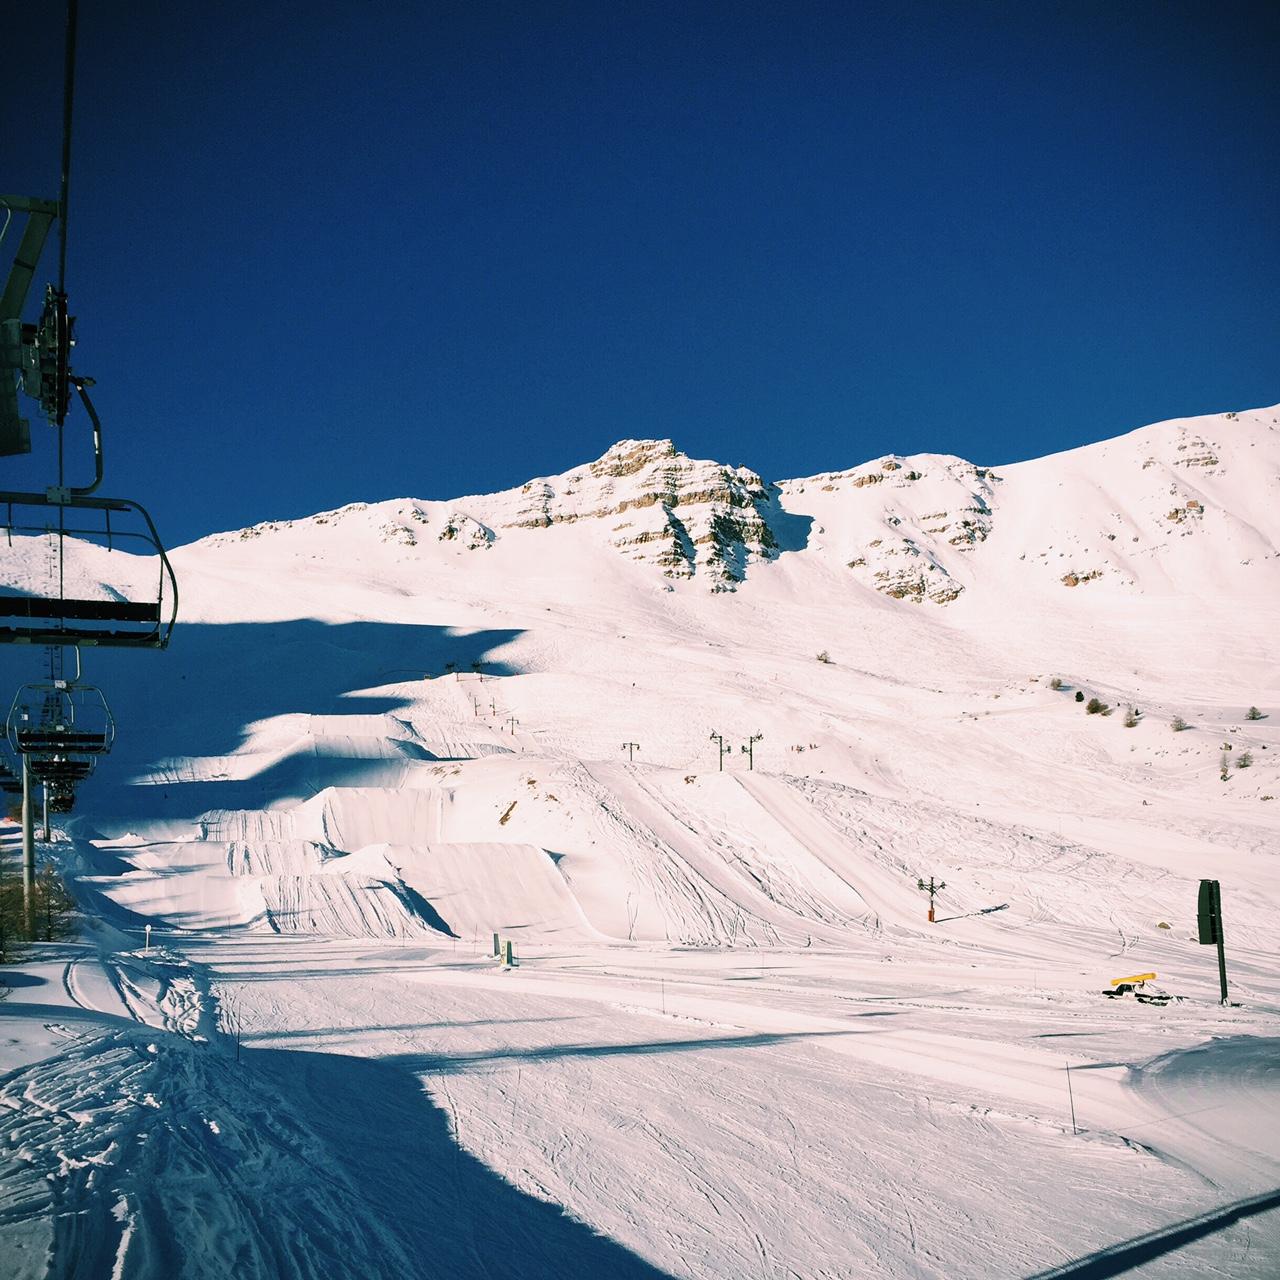 vars ski